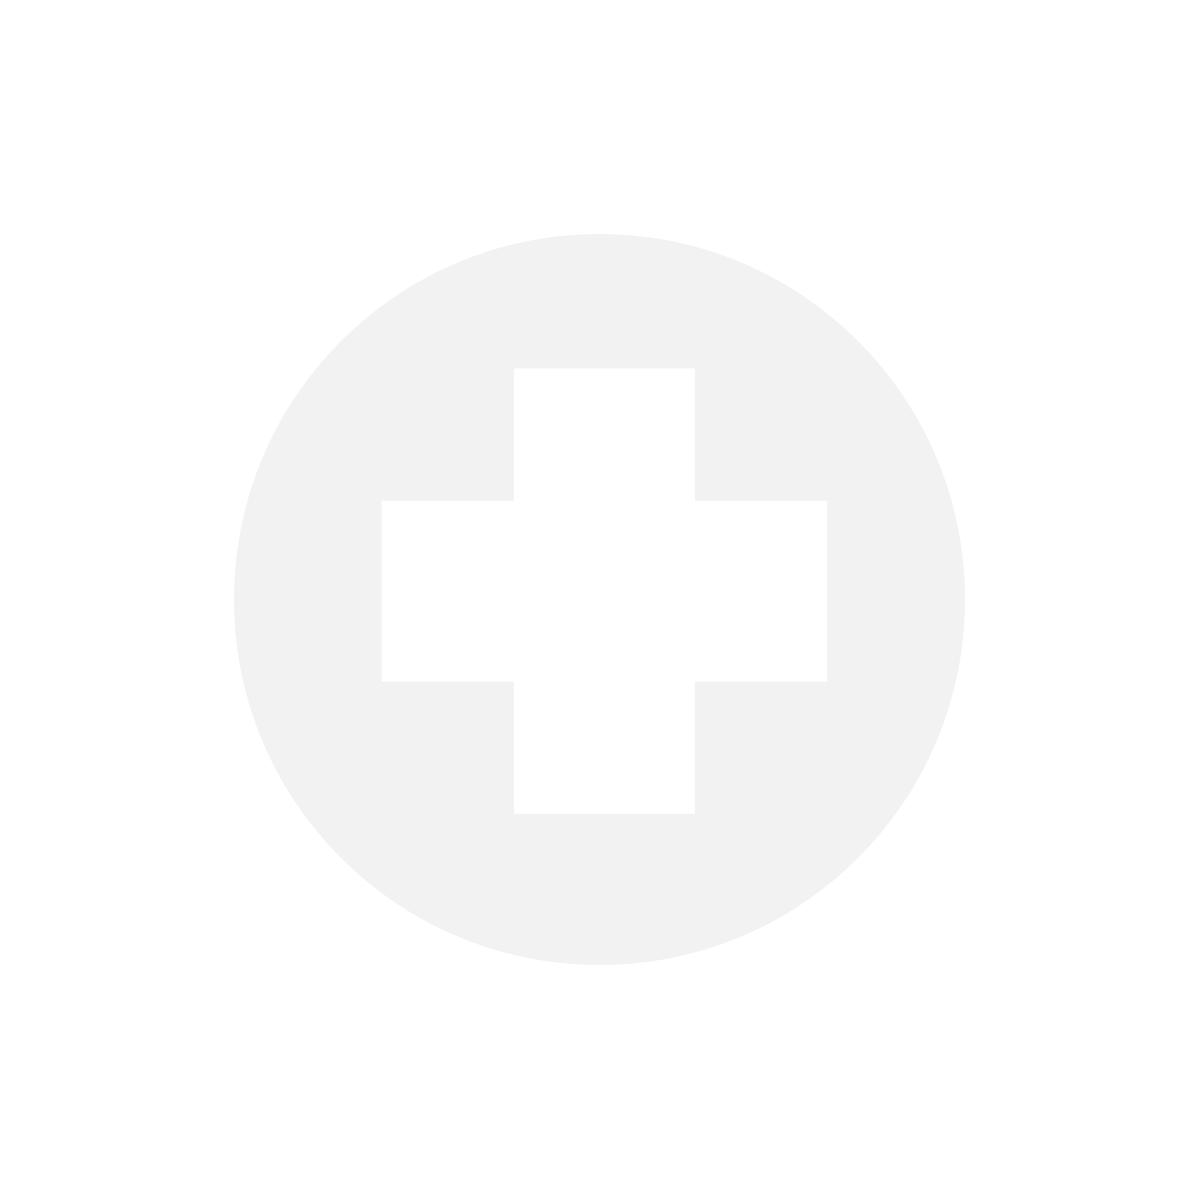 Bas Veinax - Transparent